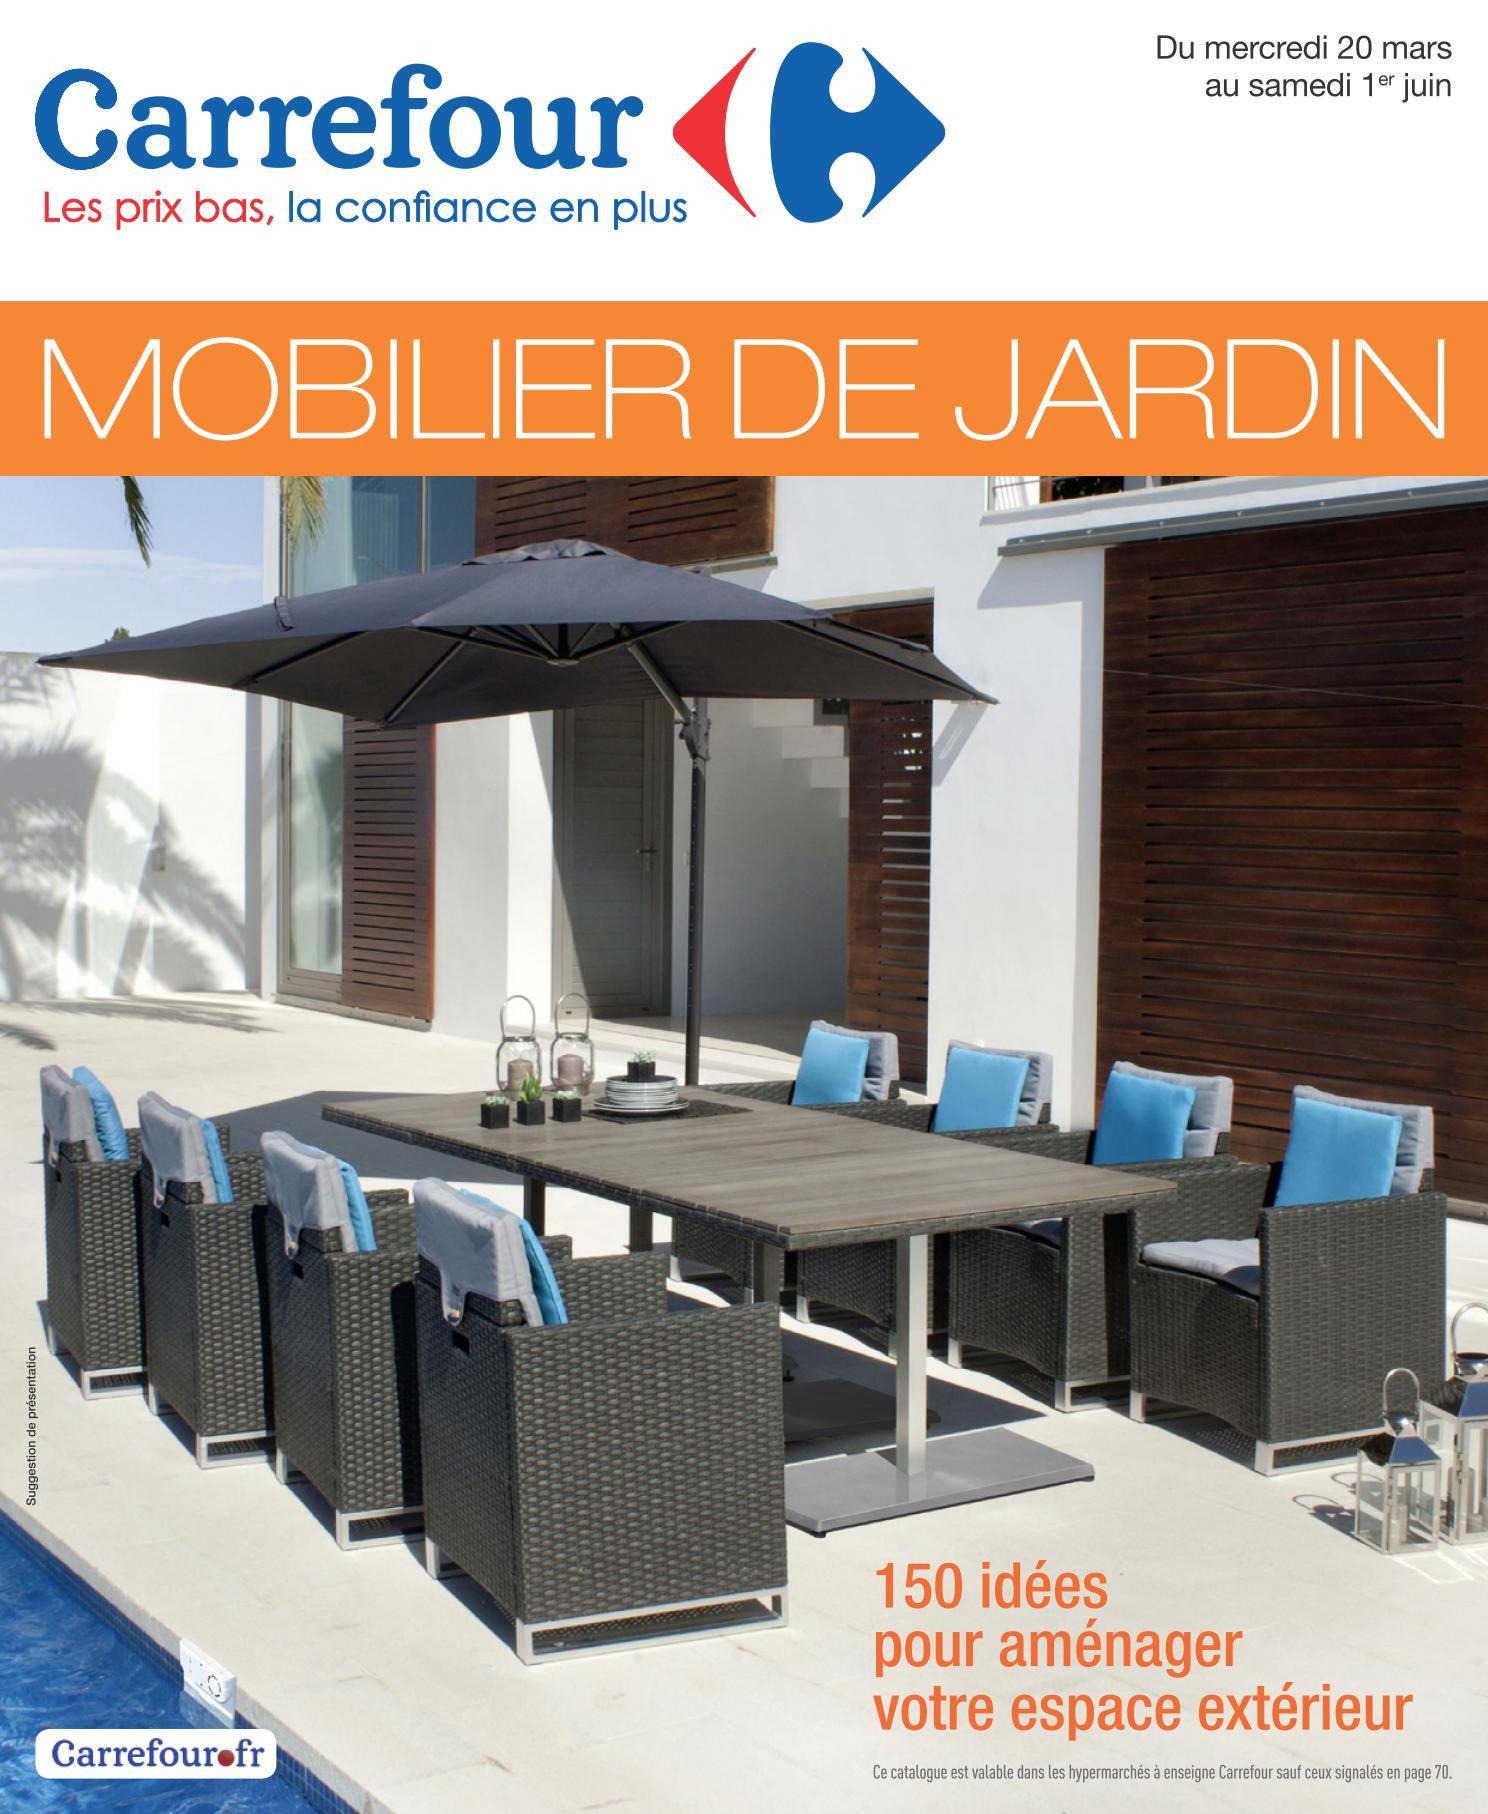 Salon De Jardin A Carrefour - The Best Undercut Ponytail encequiconcerne Salon De Jardin Carrefour Home